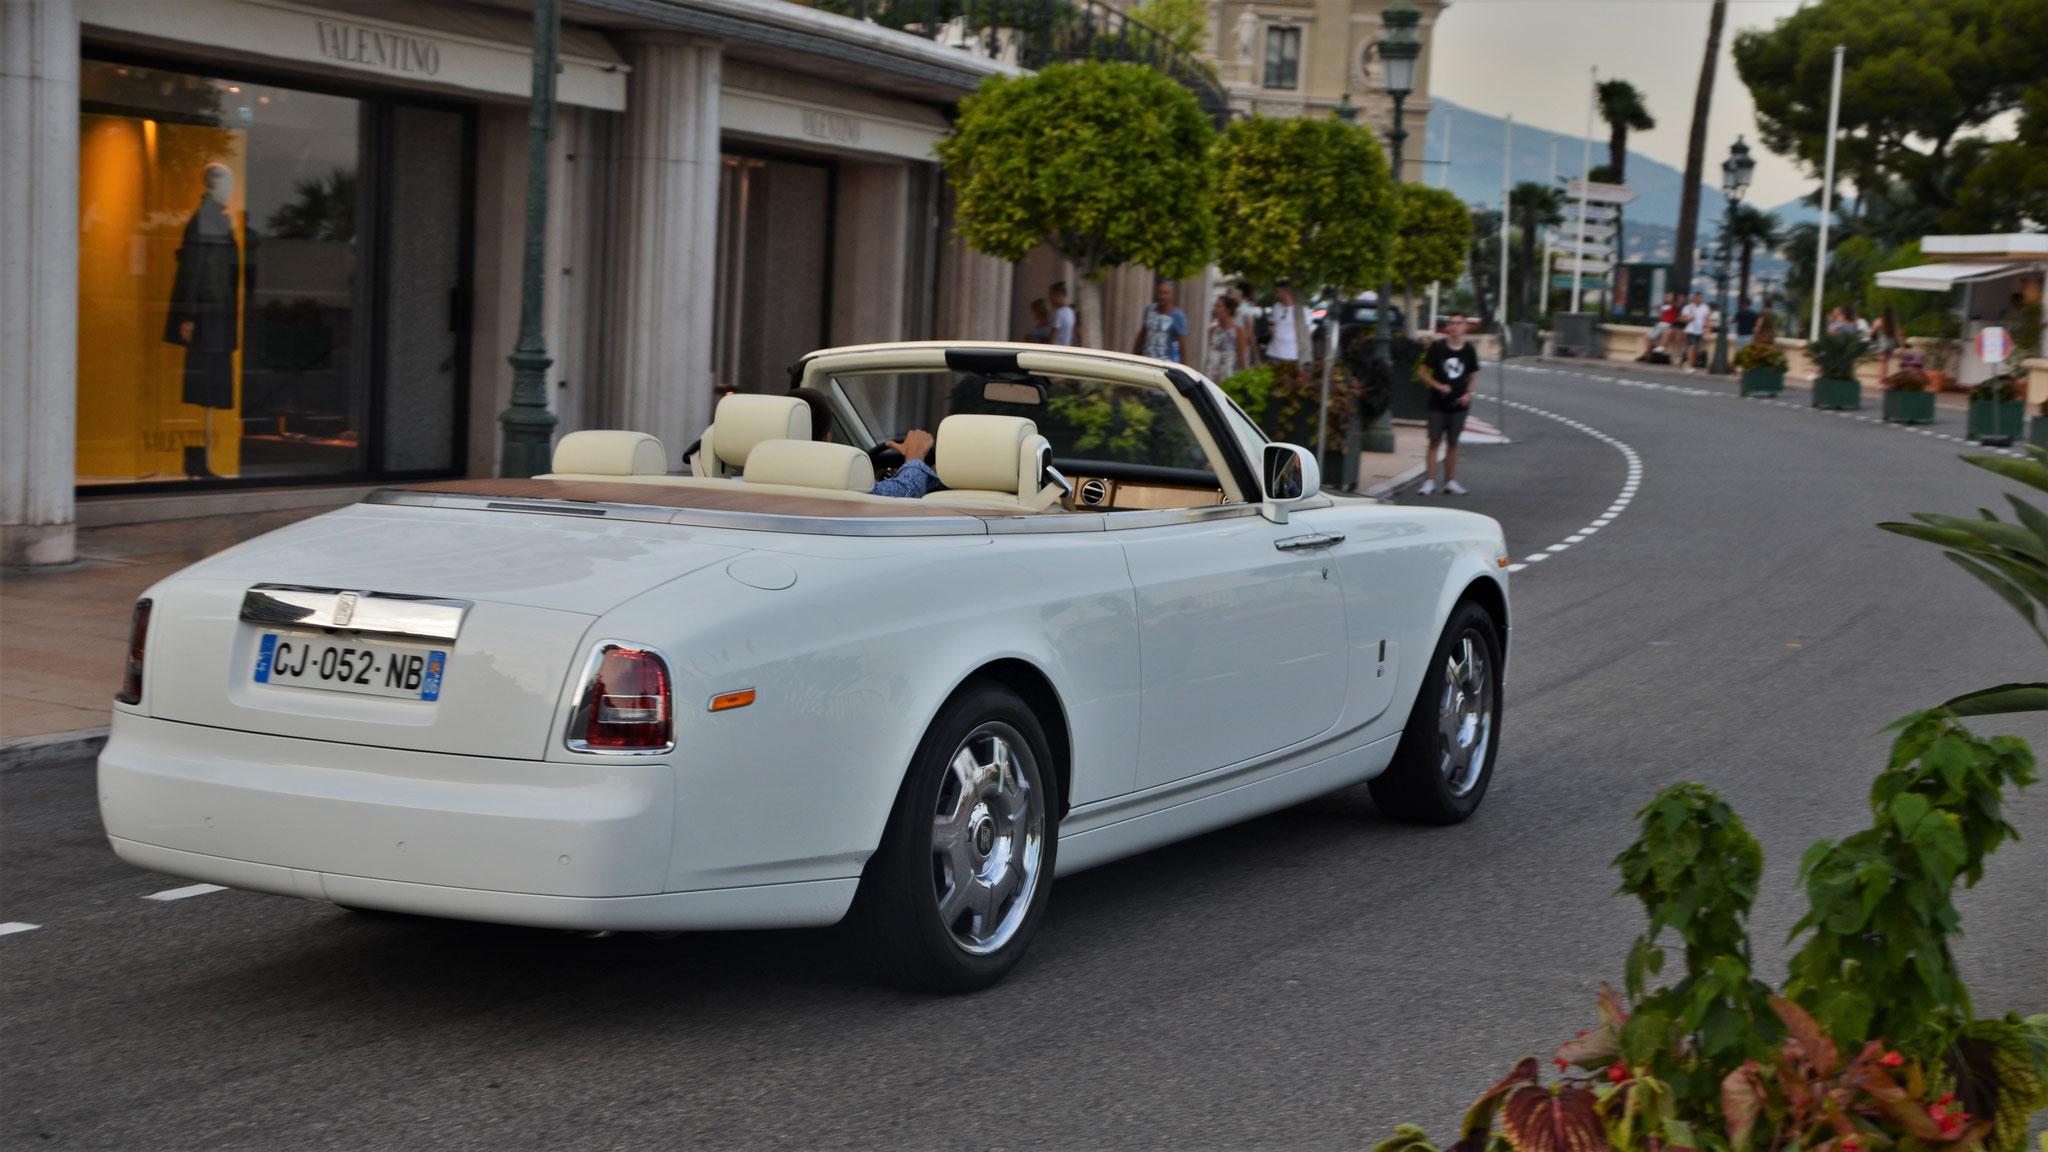 Rolls Royce Drophead - CJ-052-NB-06 (FRA)